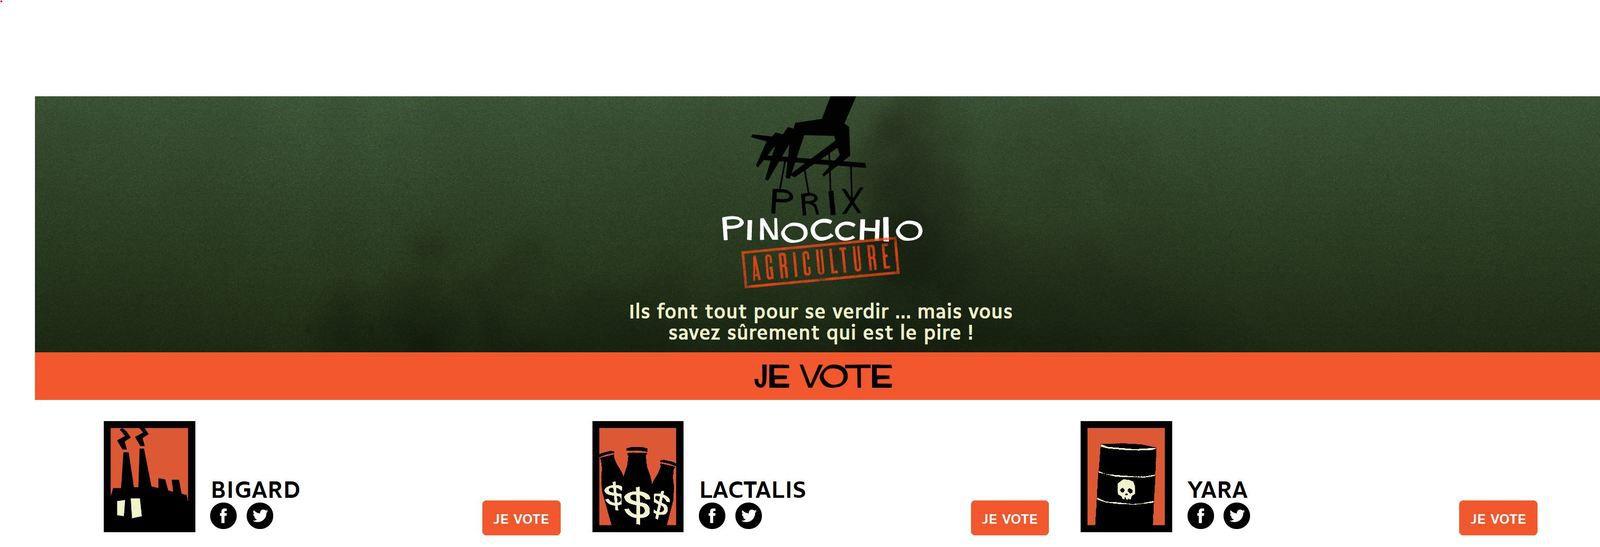 Prix Pinocchio ! Votez pour dénoncer le greenwashing des multinationales.